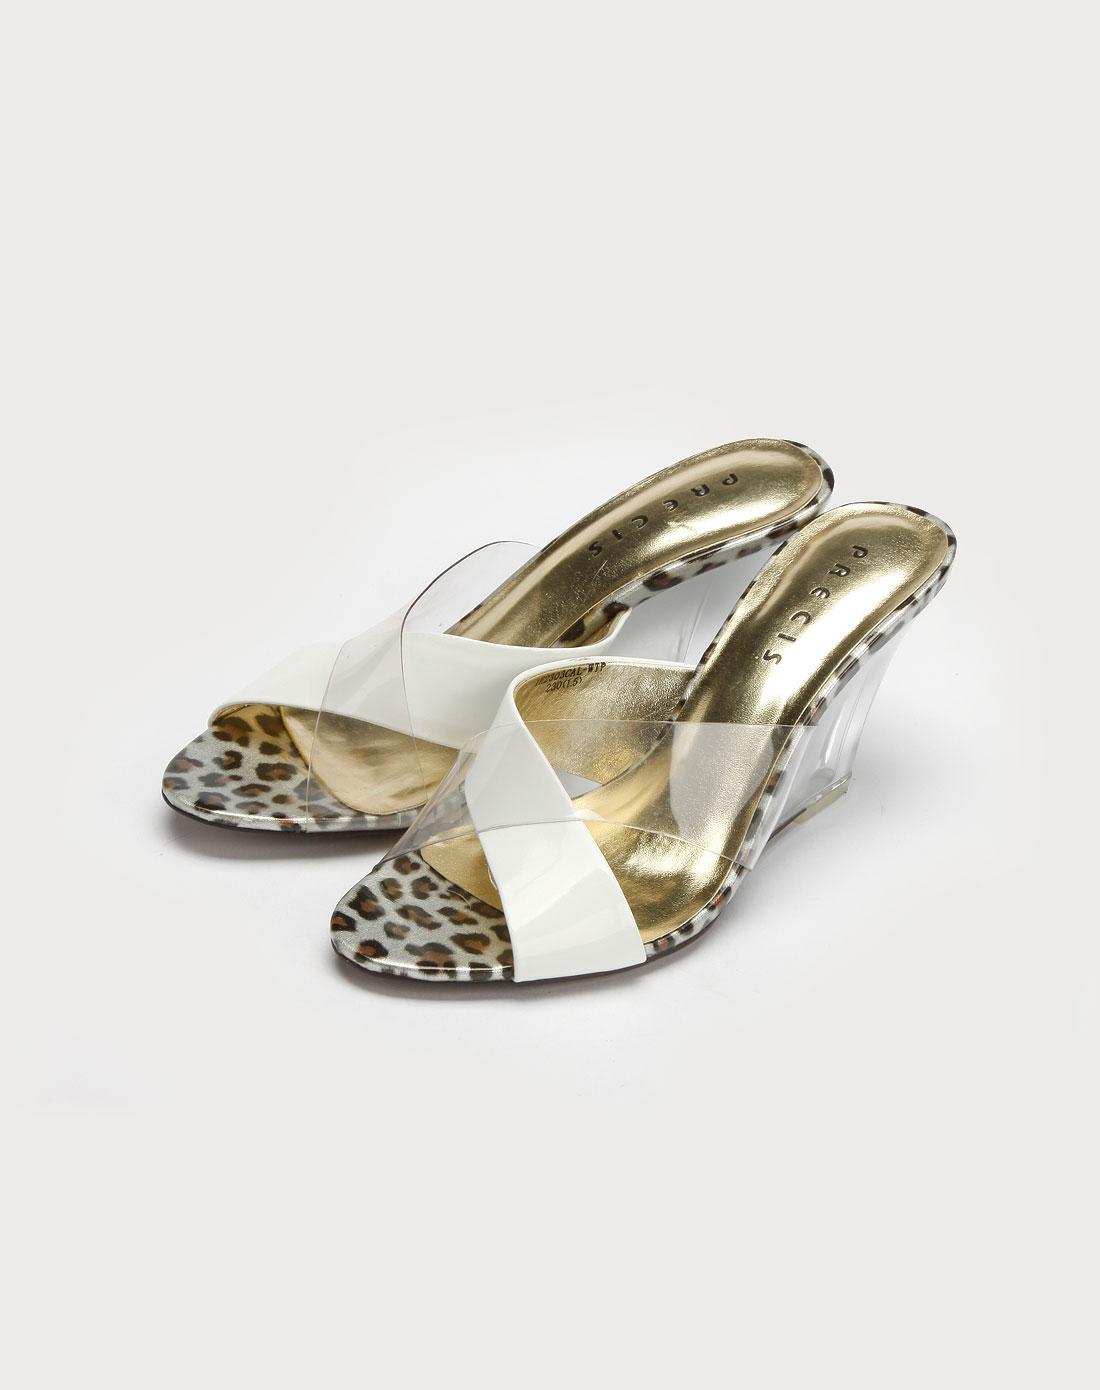 透明白色豹纹坡跟凉鞋